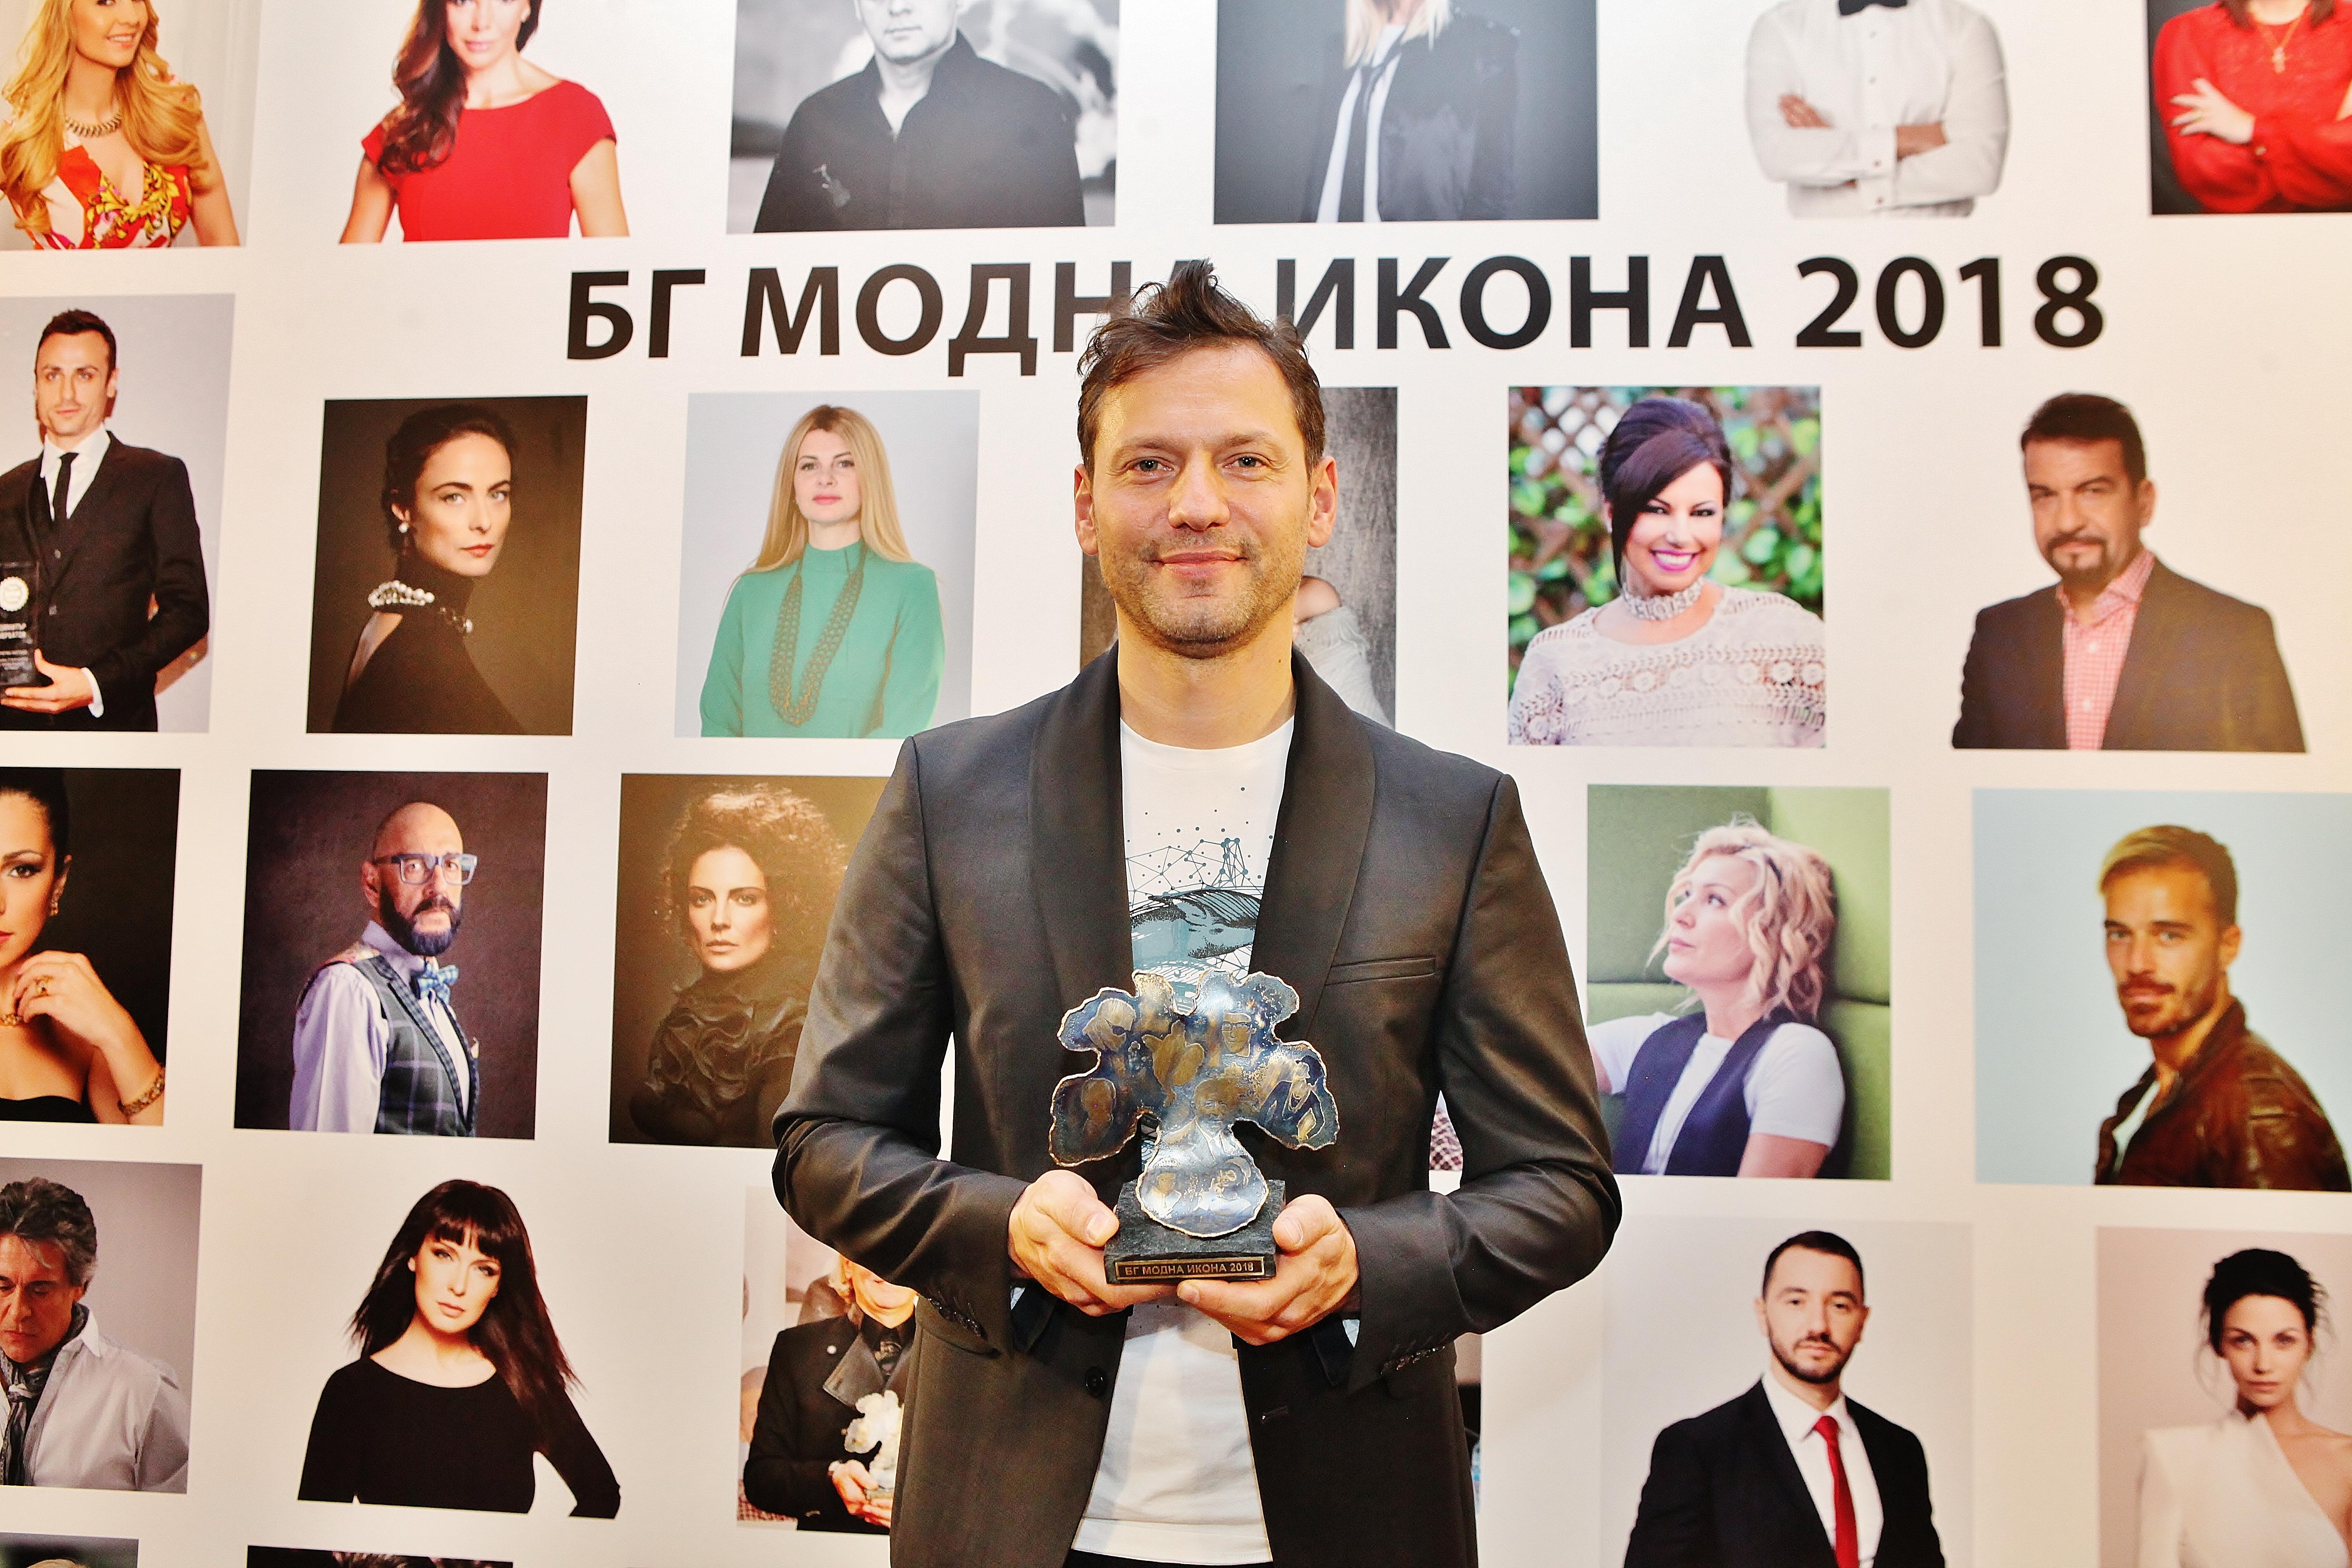 """Орлин Павлов получи приза """"БГ модна икона"""" в категория """"Изкуство""""."""